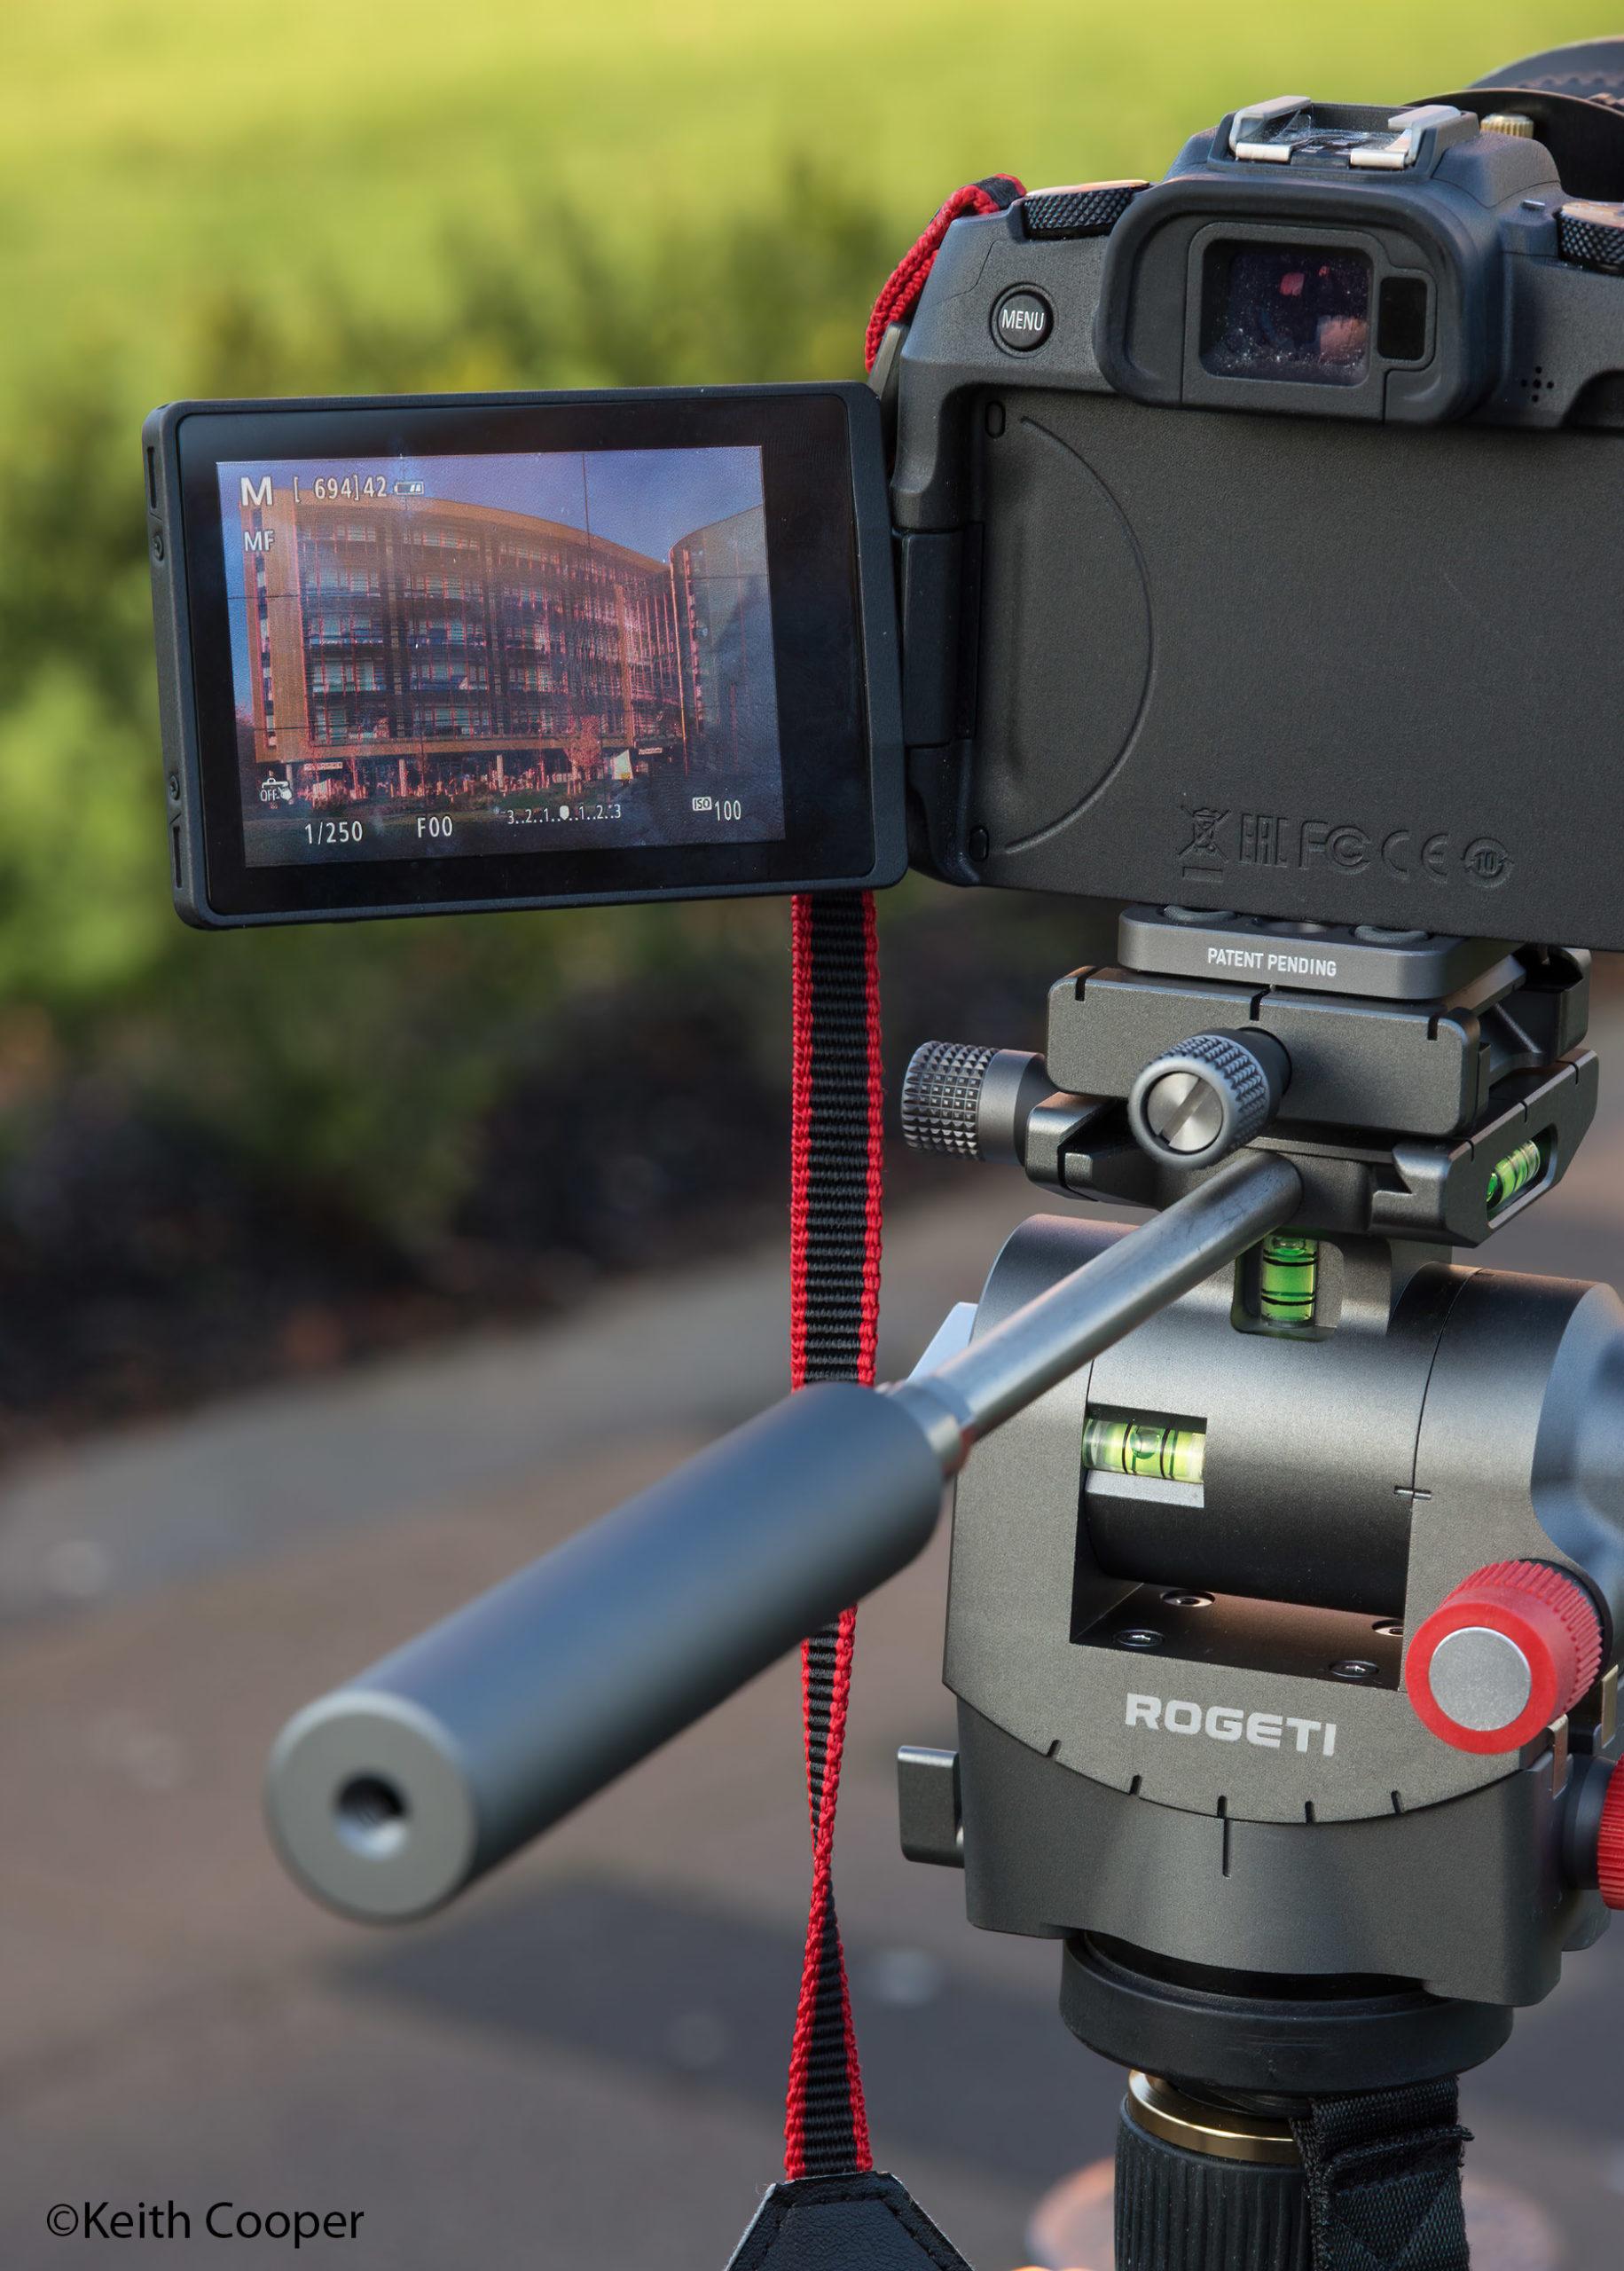 35mm f/3.5 on RG-1